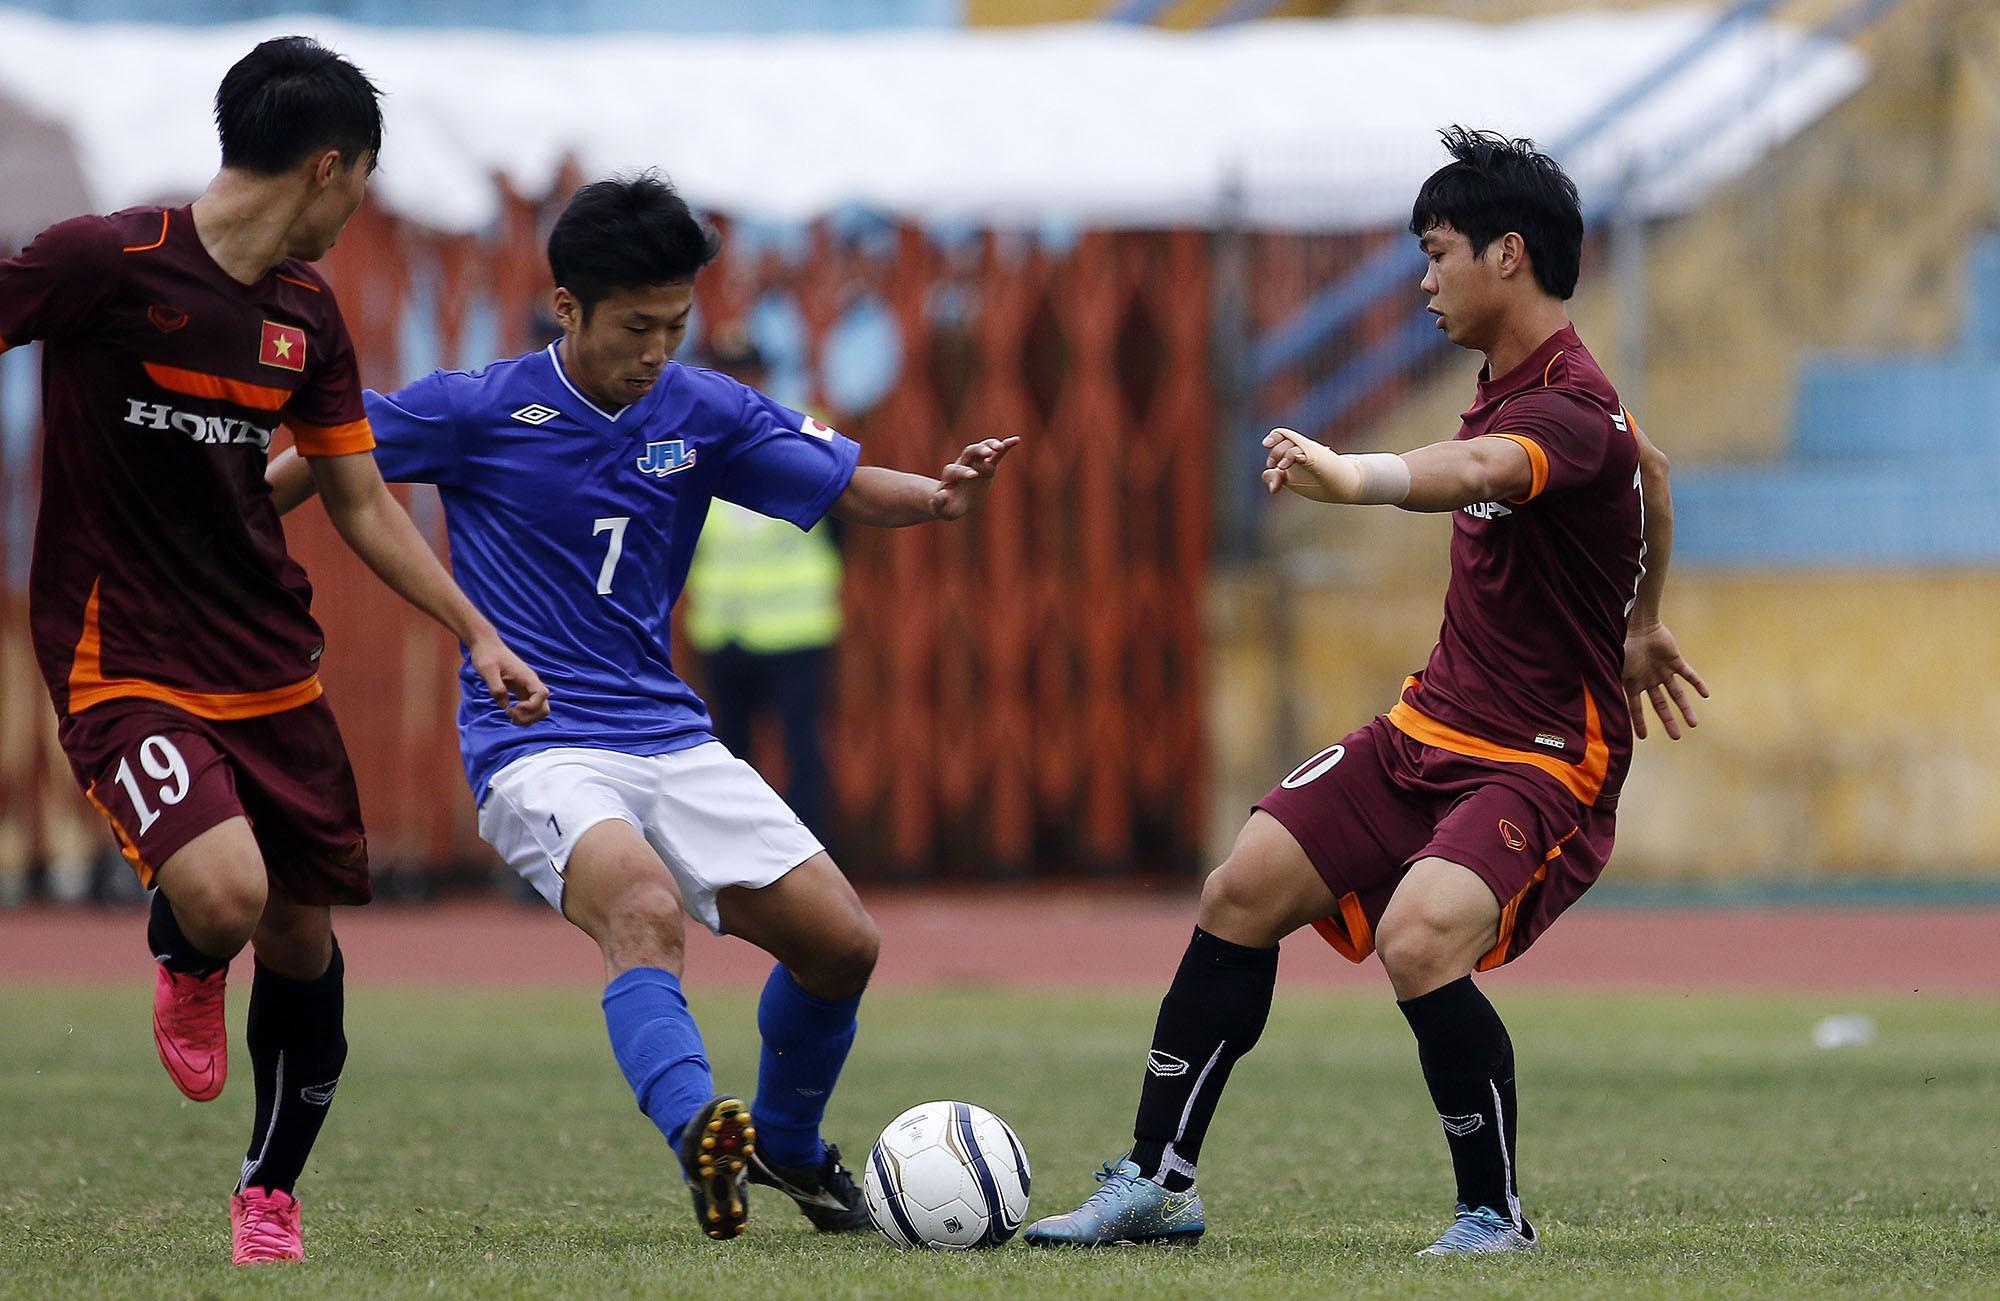 Cựu đội trưởng của U.23 VN đánh giá rất cao những tố chất của nhóm cầu thủ HA.GL